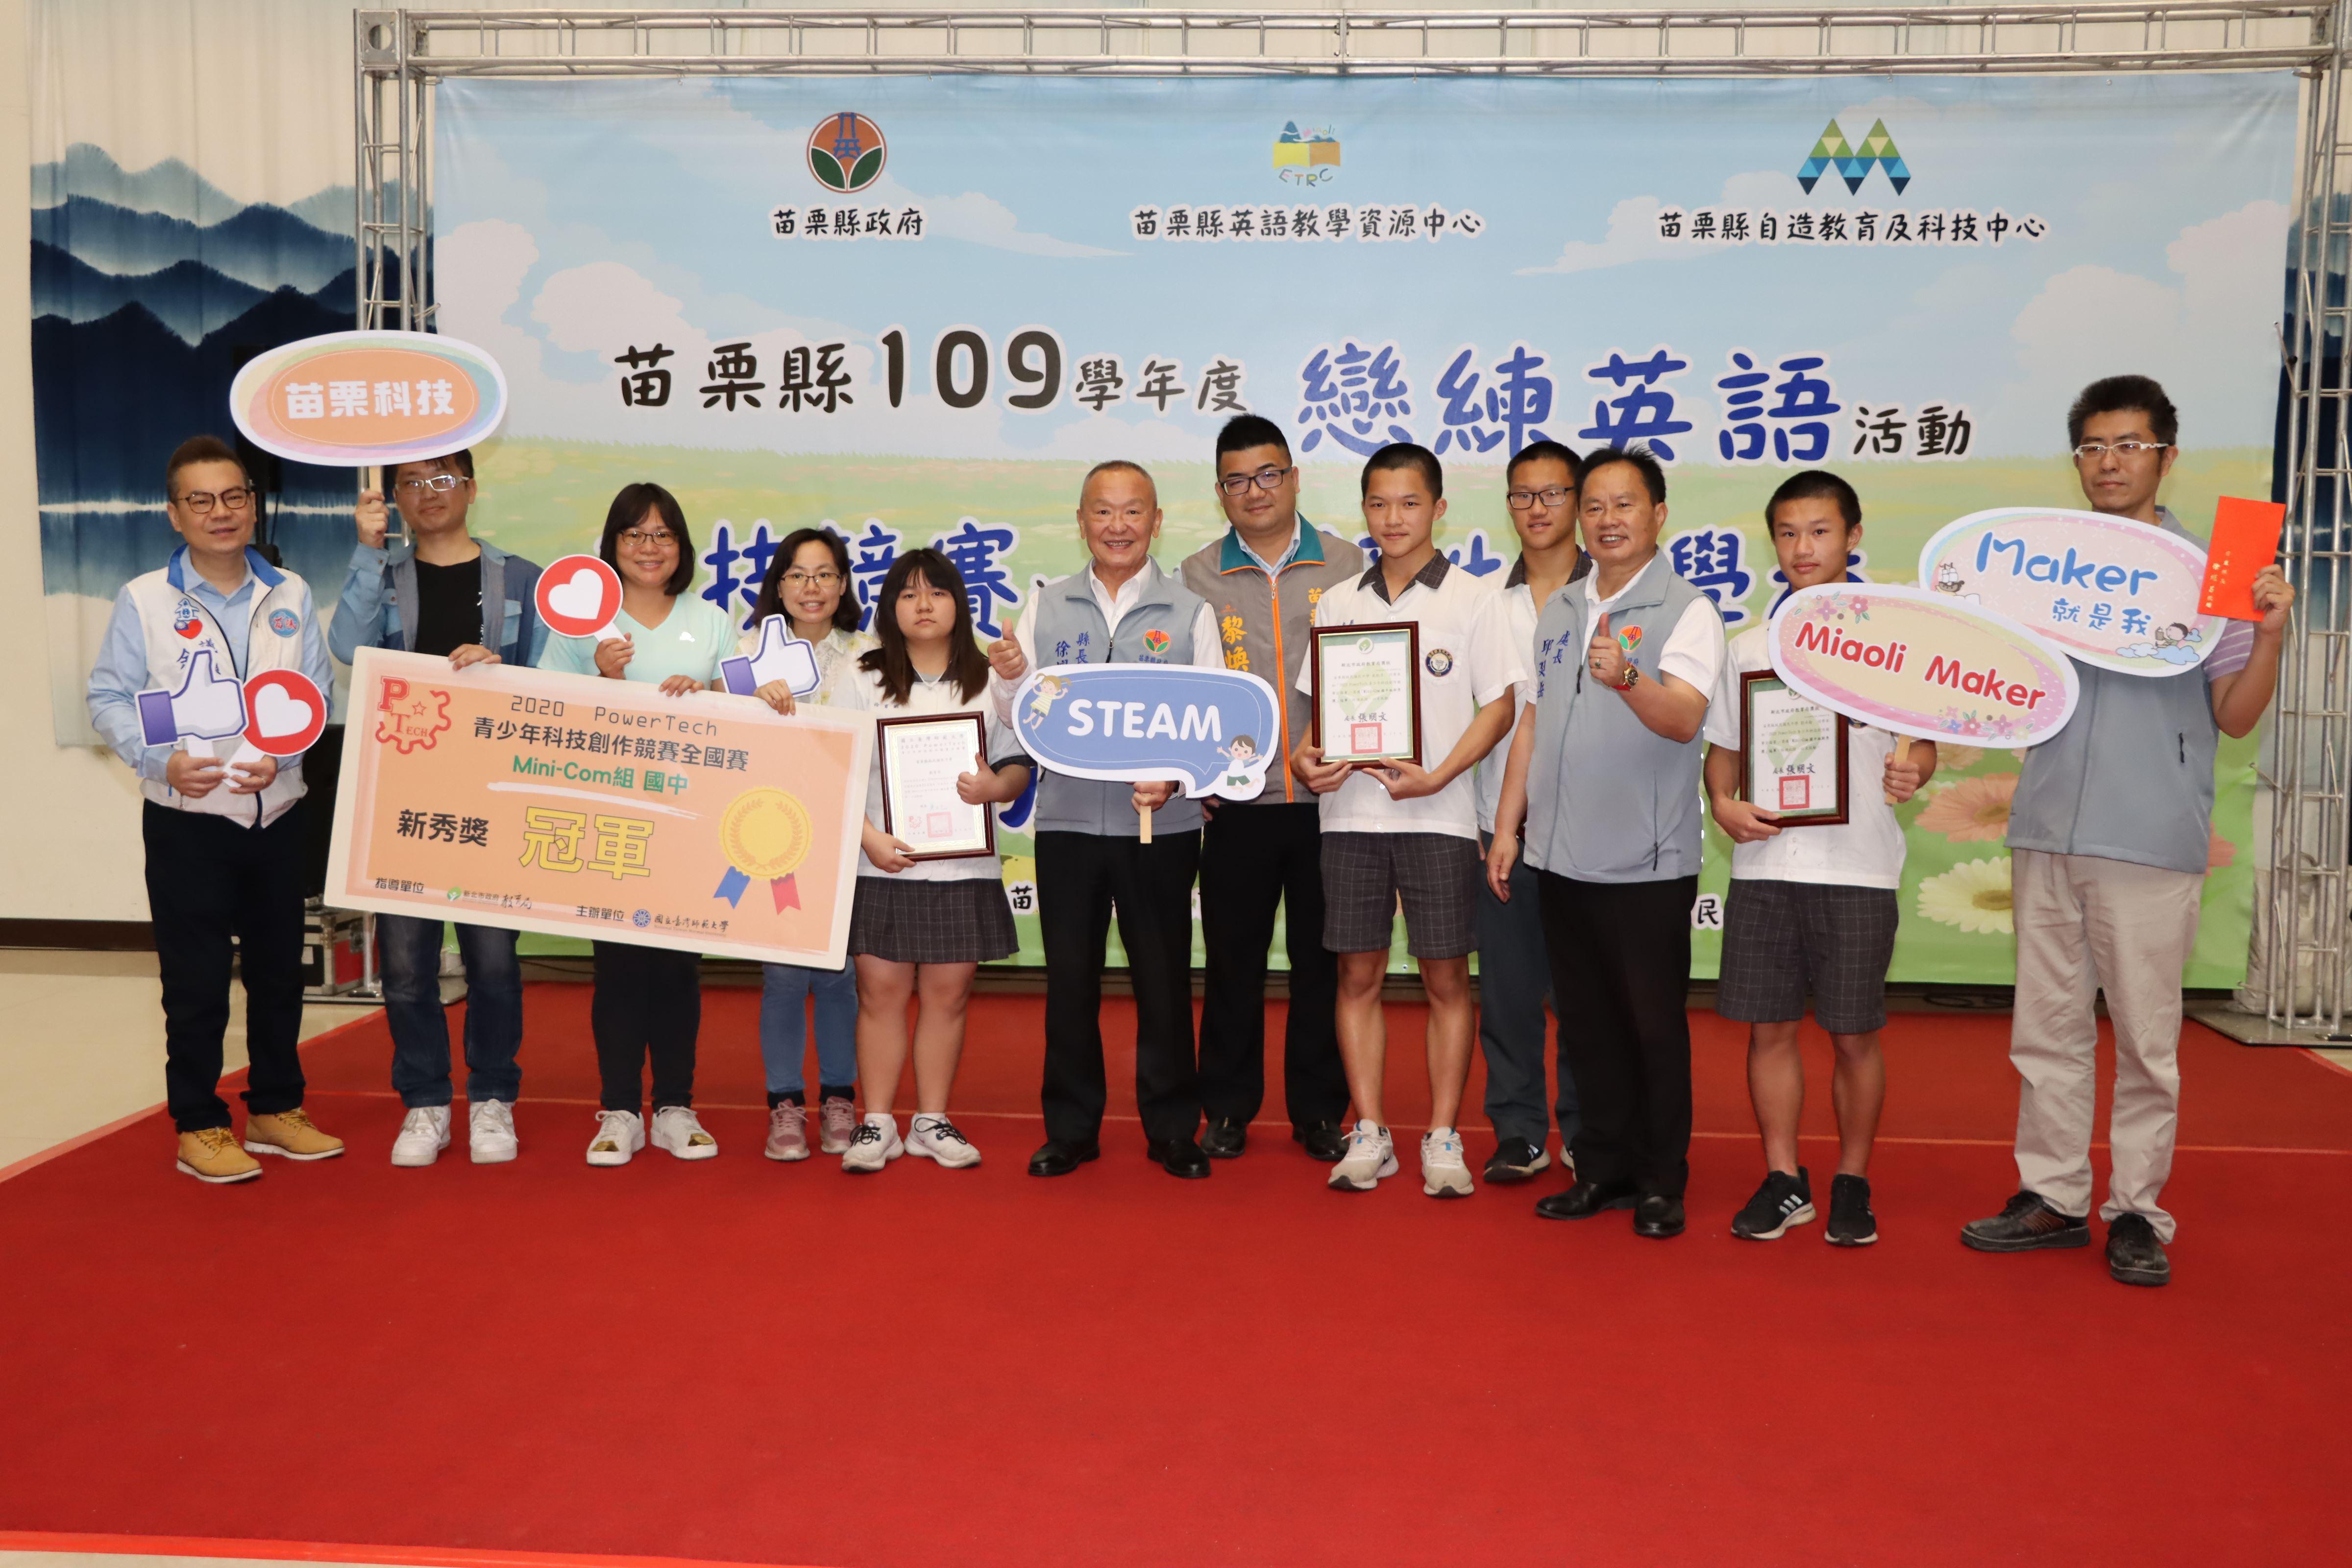 12縣府-表揚致民國中榮獲全國青少年科技創作競賽國中新秀獎冠軍MG_7033.JPG